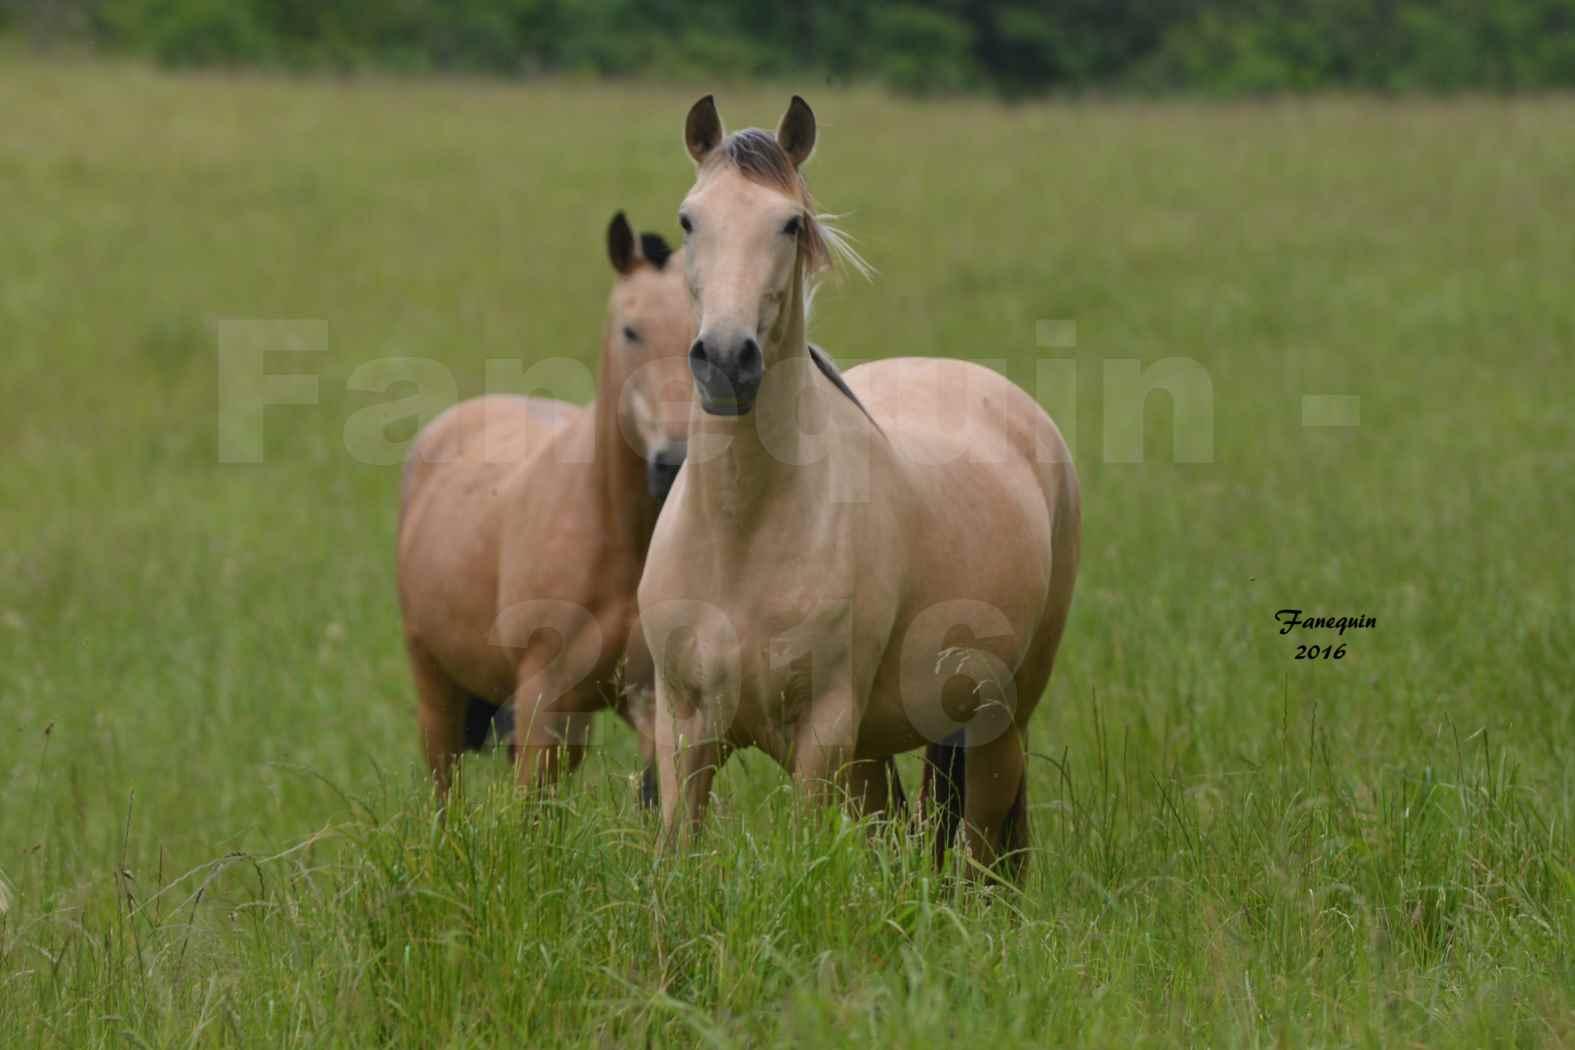 Chevaux PRE de l'élevage DEL TESSUOR - Frédérique VIGNE - 17